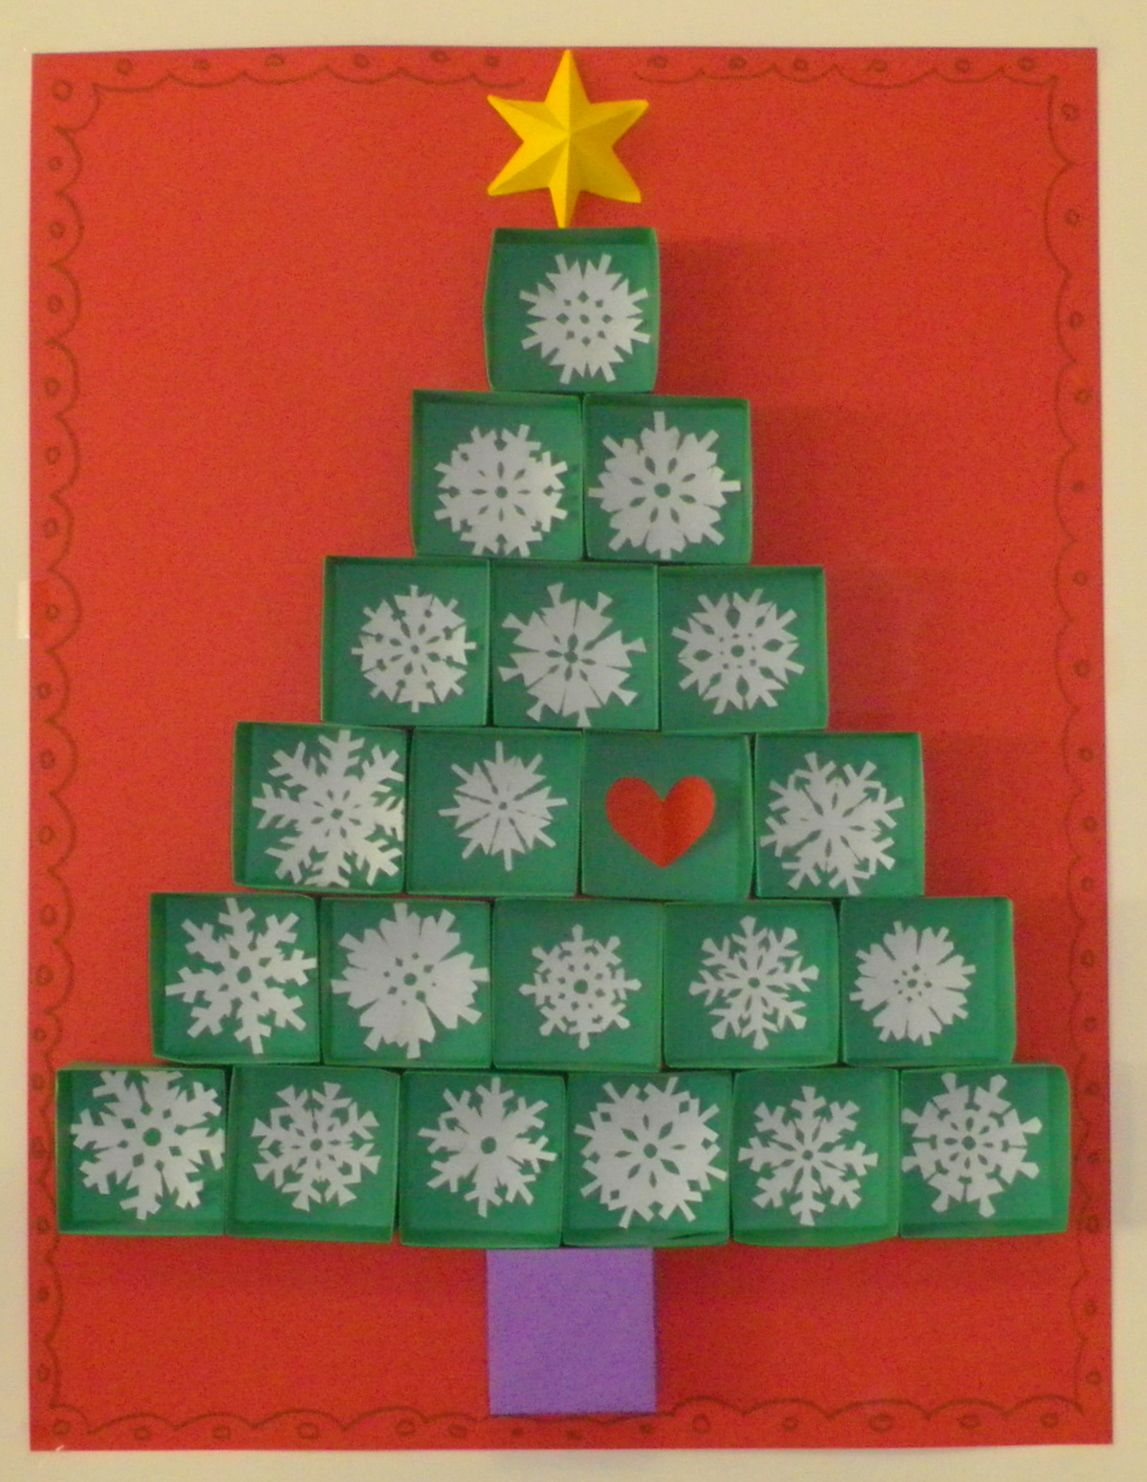 Esta navidad he preparado este mural para la sala de - Mural navidad infantil ...